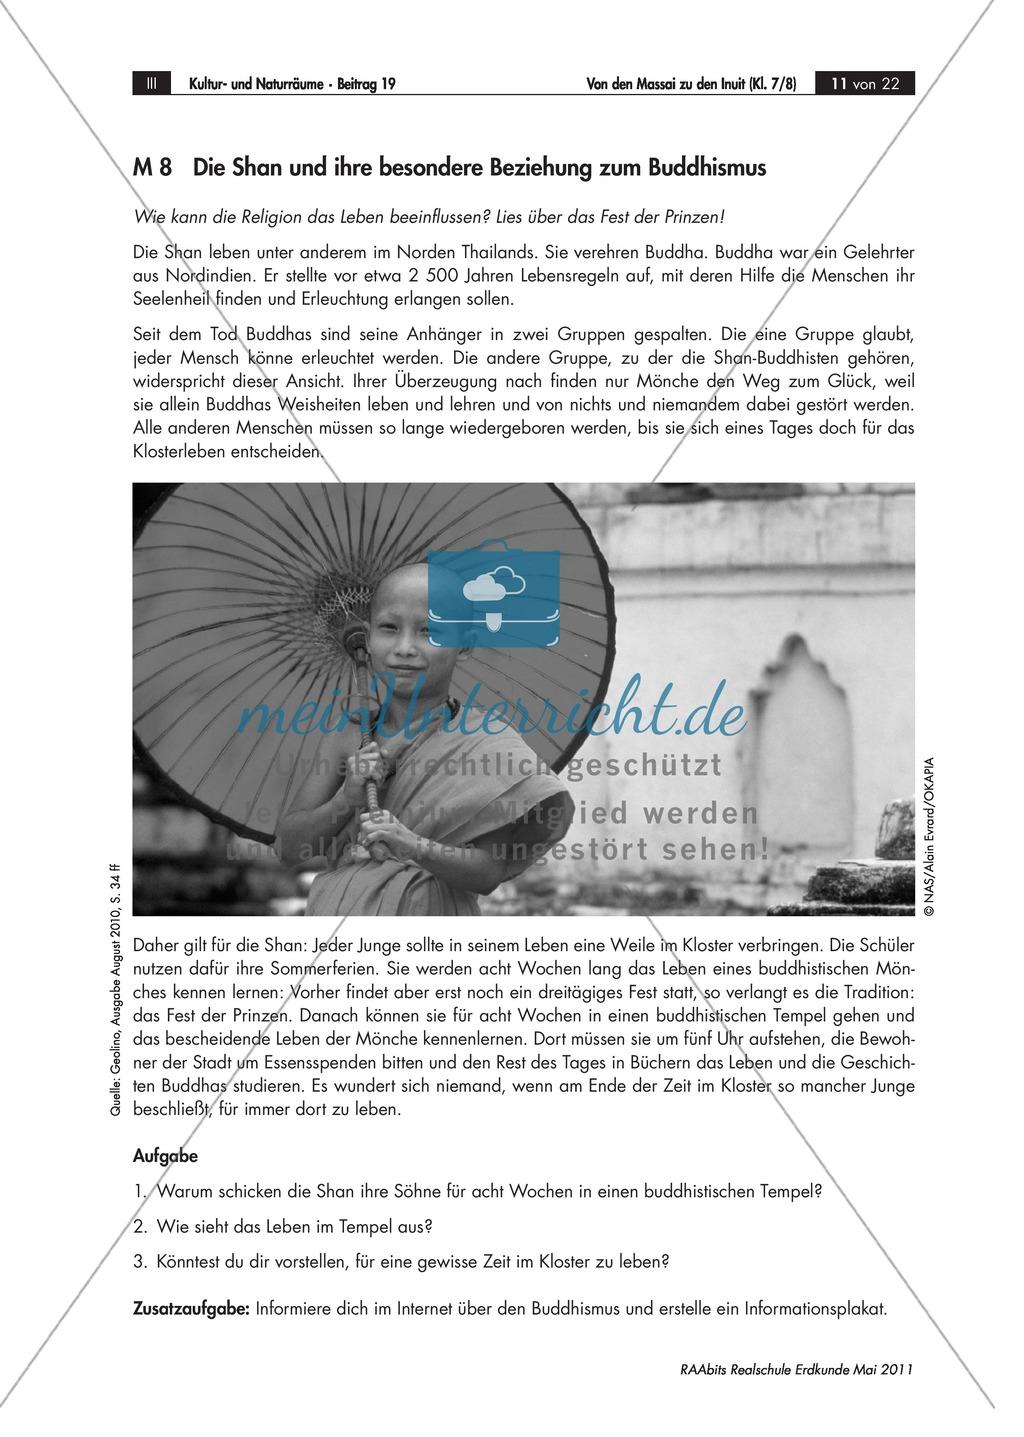 Interkulturelle Kompetenzen entwickeln: Kulturerdteile kennenlernen - Buddhistische Mönche und Konfuzius Preview 0